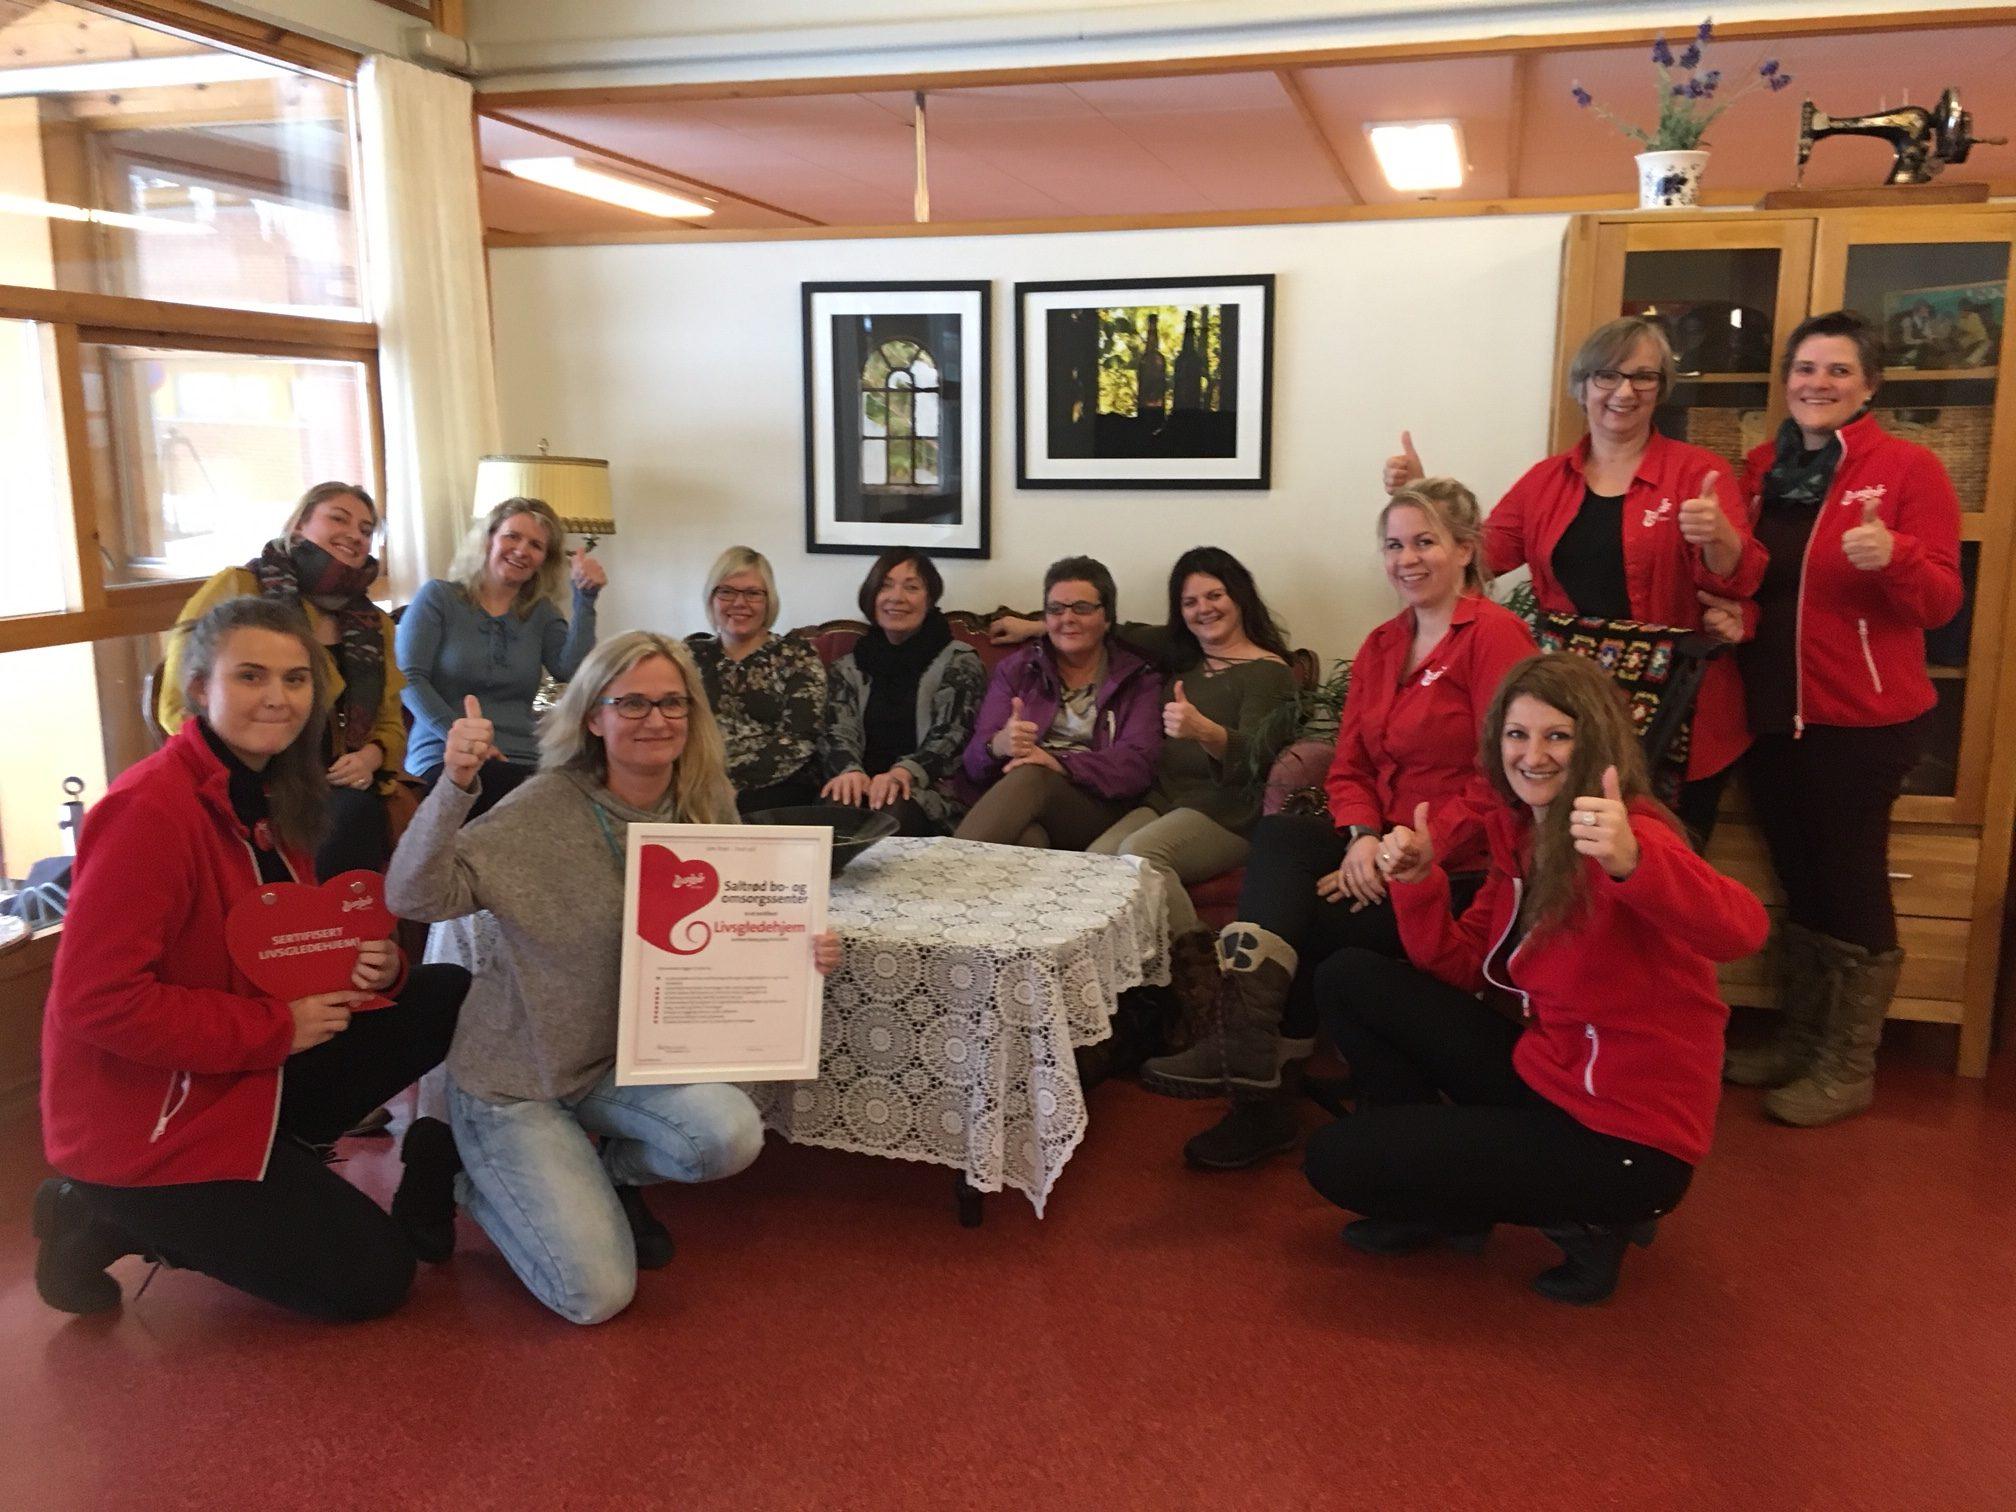 En glad og engasjert livsgledegruppe sammen med sertifisørene etter vellykket sertifisering som Livsgledehjem